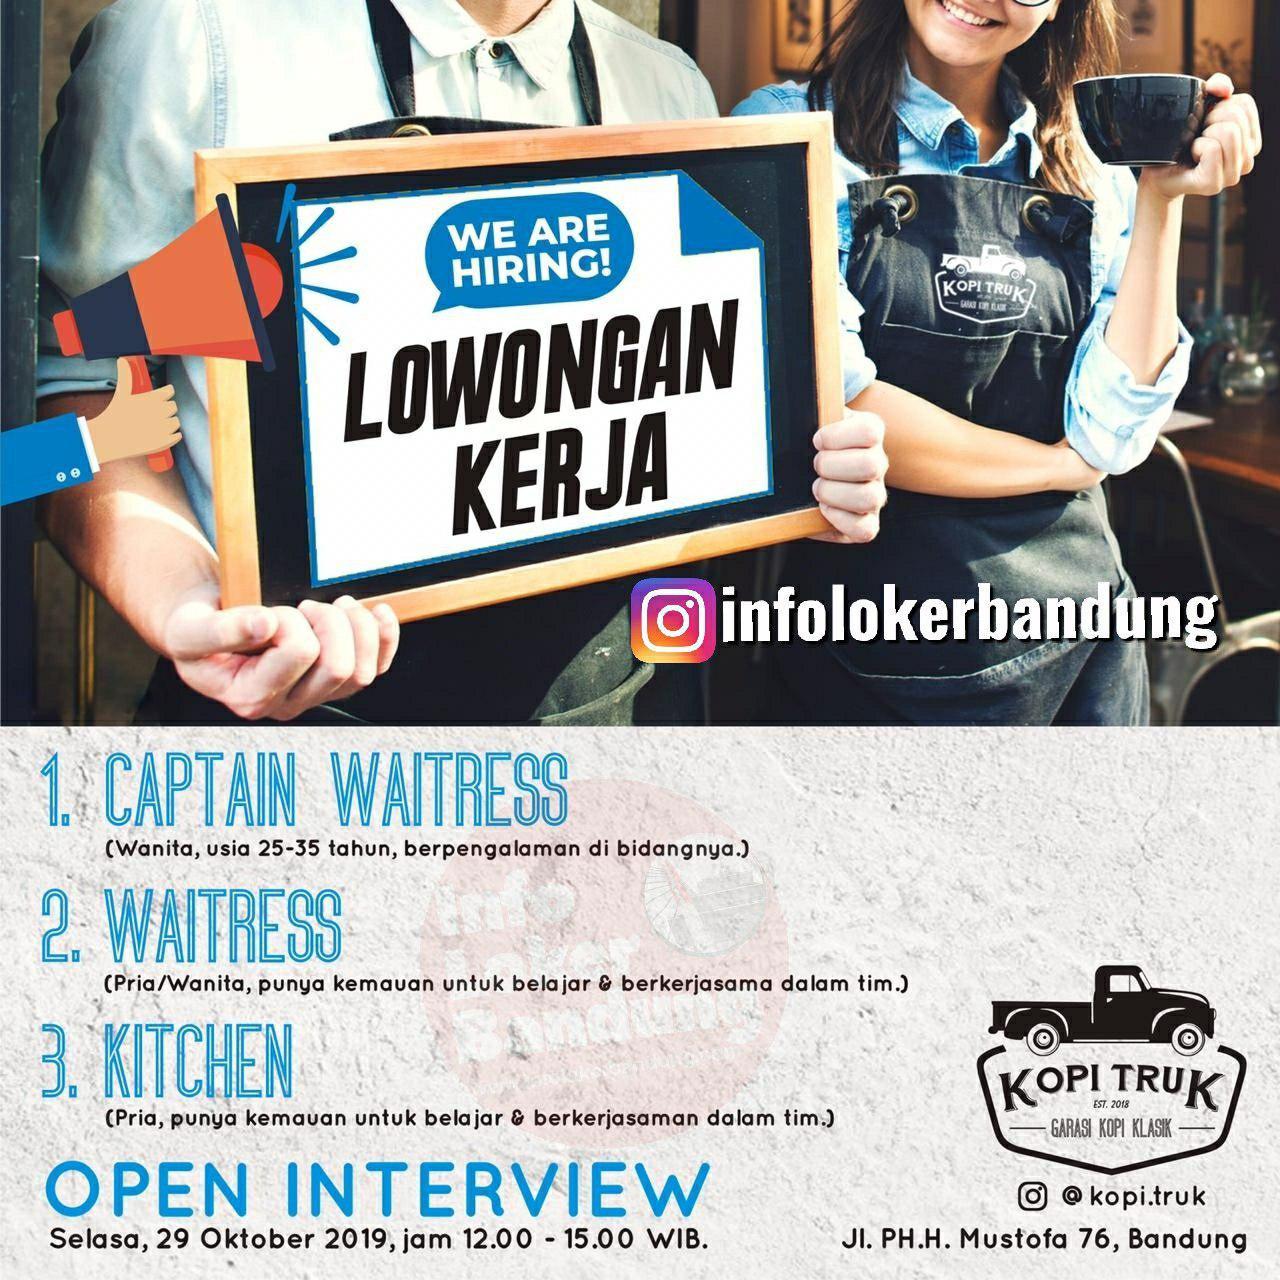 Walk In Interview 29 Oktober 2019 Kopi Truck Bandung